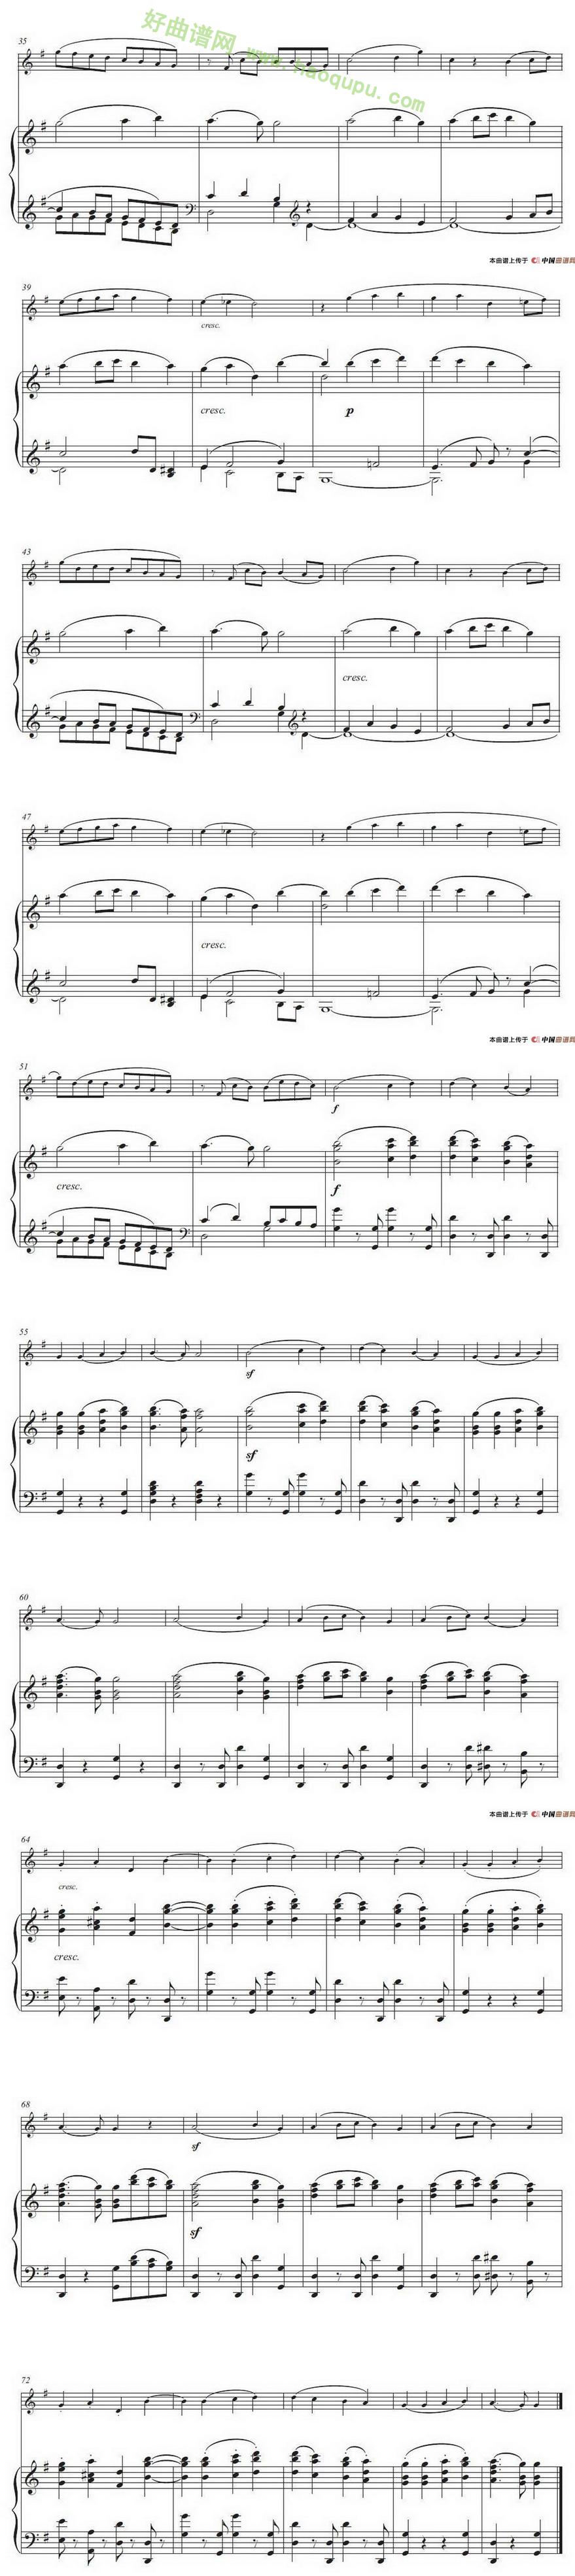 《欢乐颂》(小号独奏+钢琴伴奏谱) 管乐总谱第2张